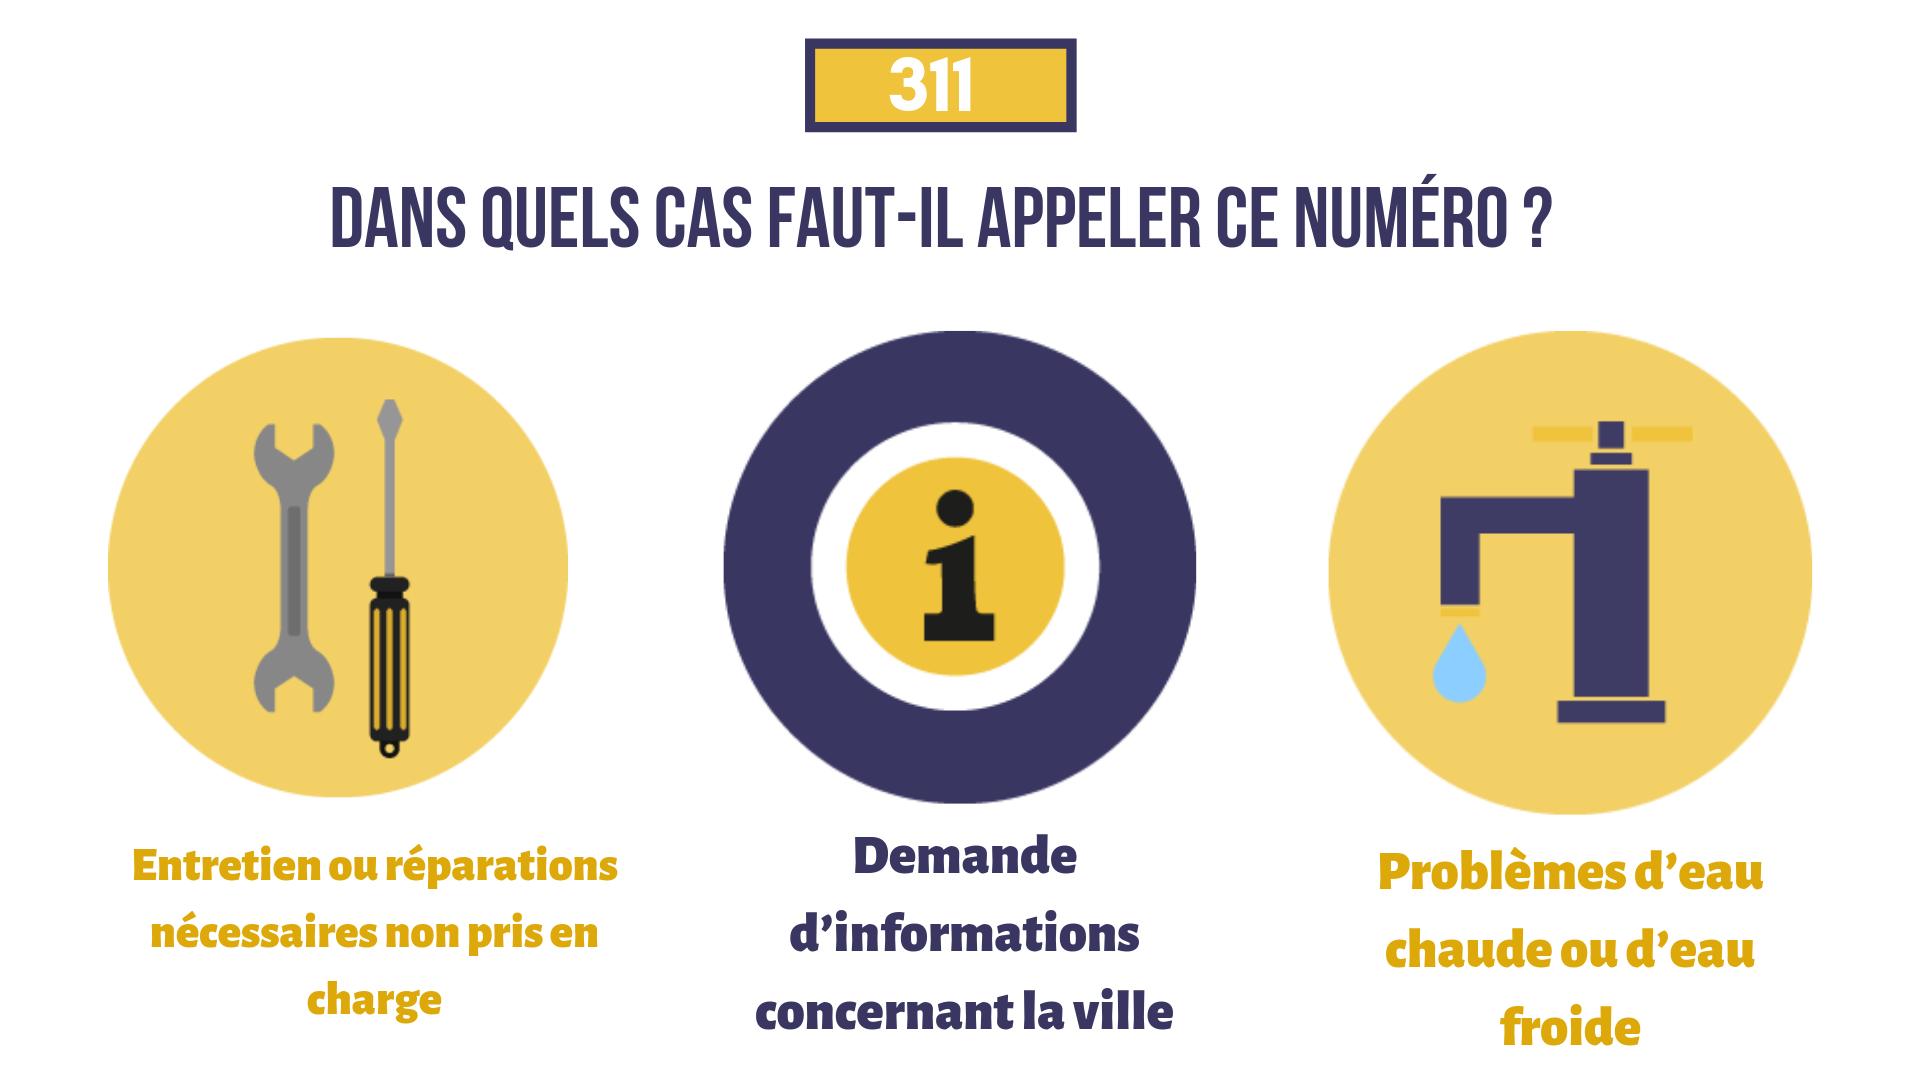 Infographie décrivant des situations variées pour lesquelles le 311 peut intervenir.